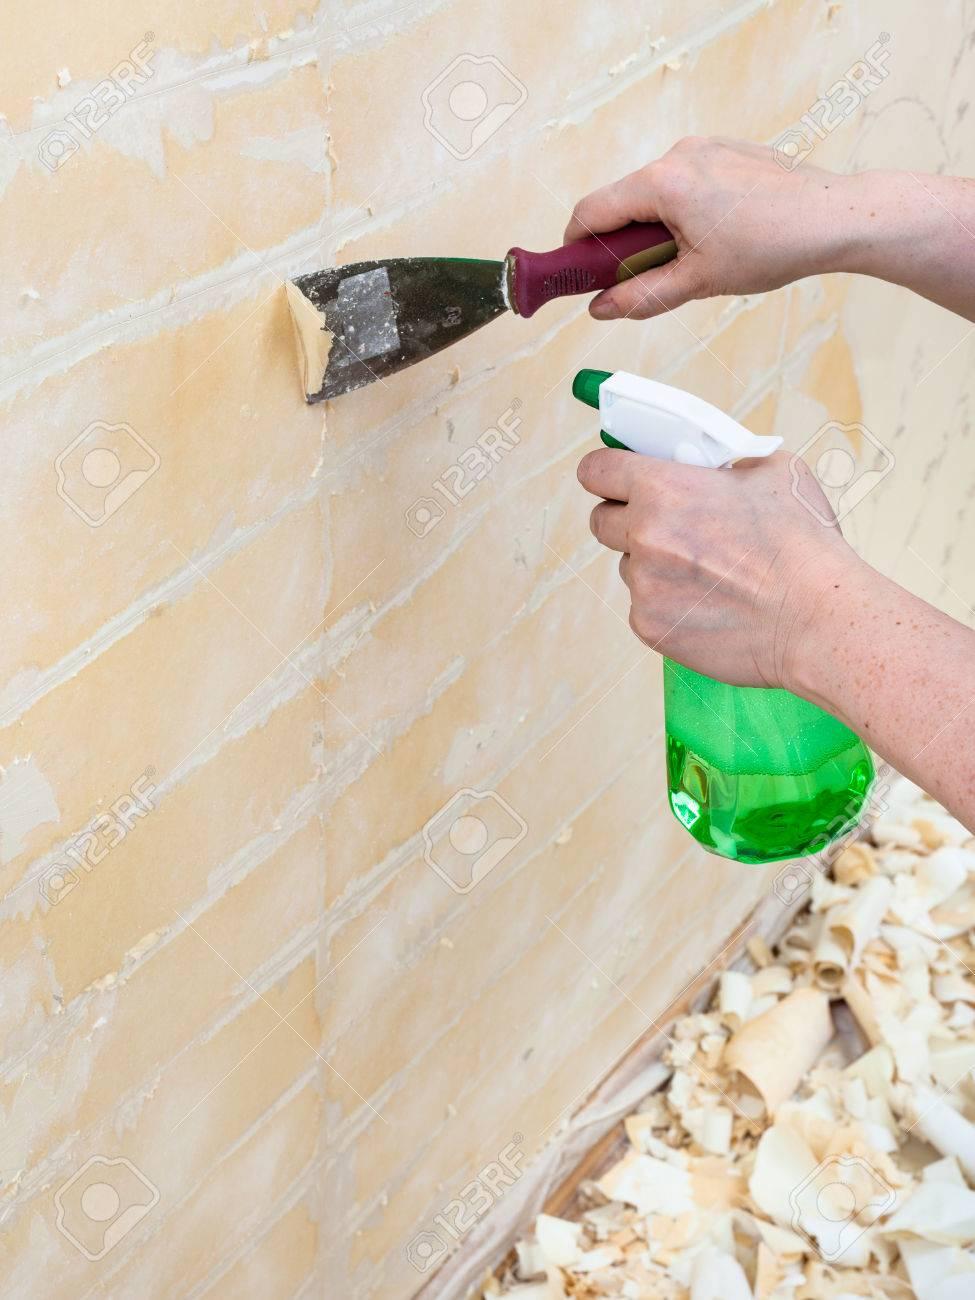 Renovierung Der Wohnung, Tapezierung: Vorbereitung Der Wände. Entfernen Von  Nassen Alten Tapeten Mit